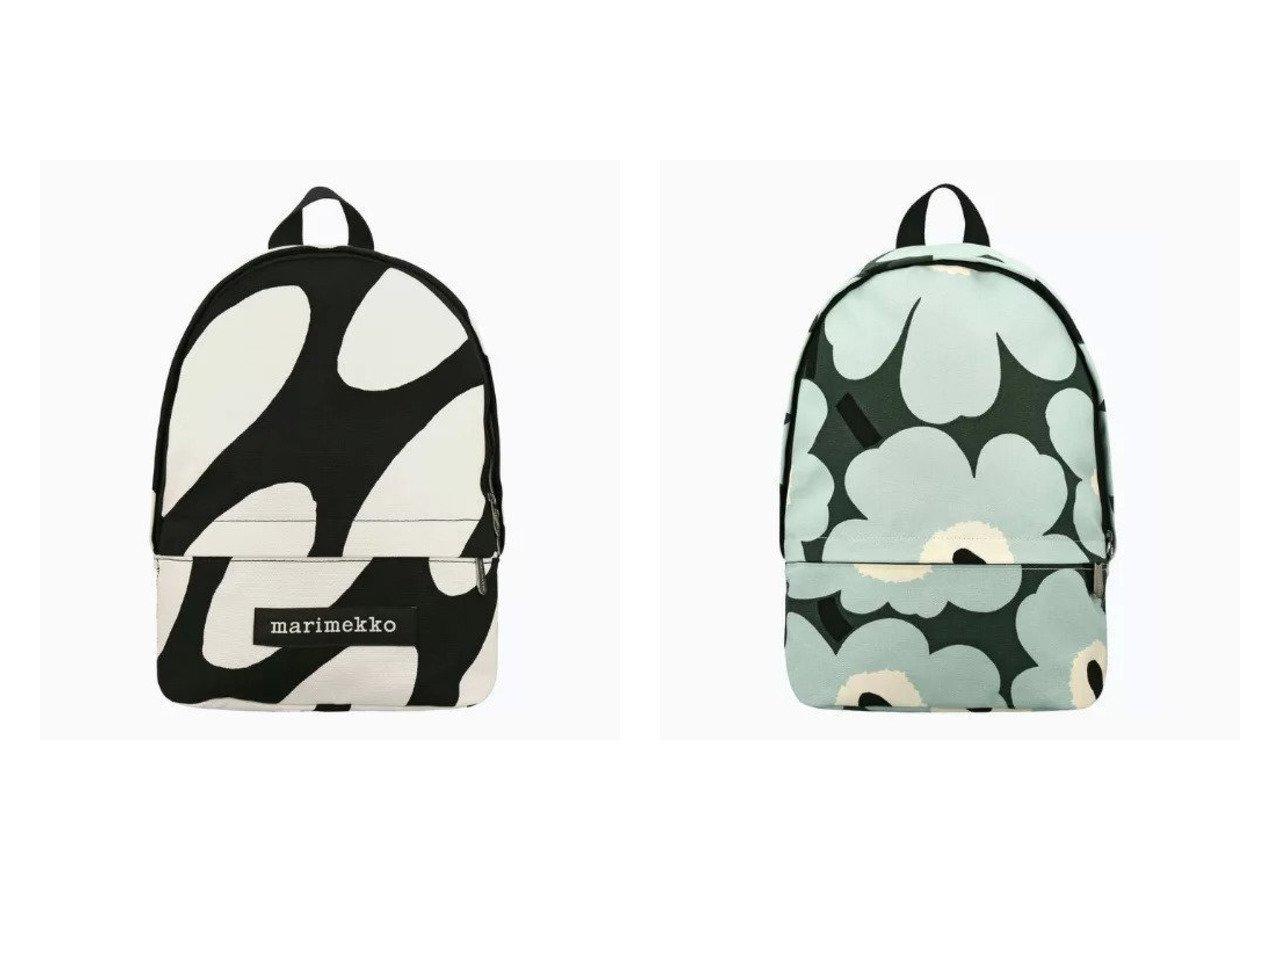 【marimekko/マリメッコ】のHiljaa Linssi バックパック&Enni Pieni Unikko 2 バックパック 【バッグ・鞄】おすすめ!人気、トレンド・レディースファッションの通販 おすすめで人気の流行・トレンド、ファッションの通販商品 メンズファッション・キッズファッション・インテリア・家具・レディースファッション・服の通販 founy(ファニー) https://founy.com/ ファッション Fashion レディースファッション WOMEN バッグ Bag コンパクト コンビ ショルダー スタイリッシュ フォルム ポケット モチーフ  ID:crp329100000033040